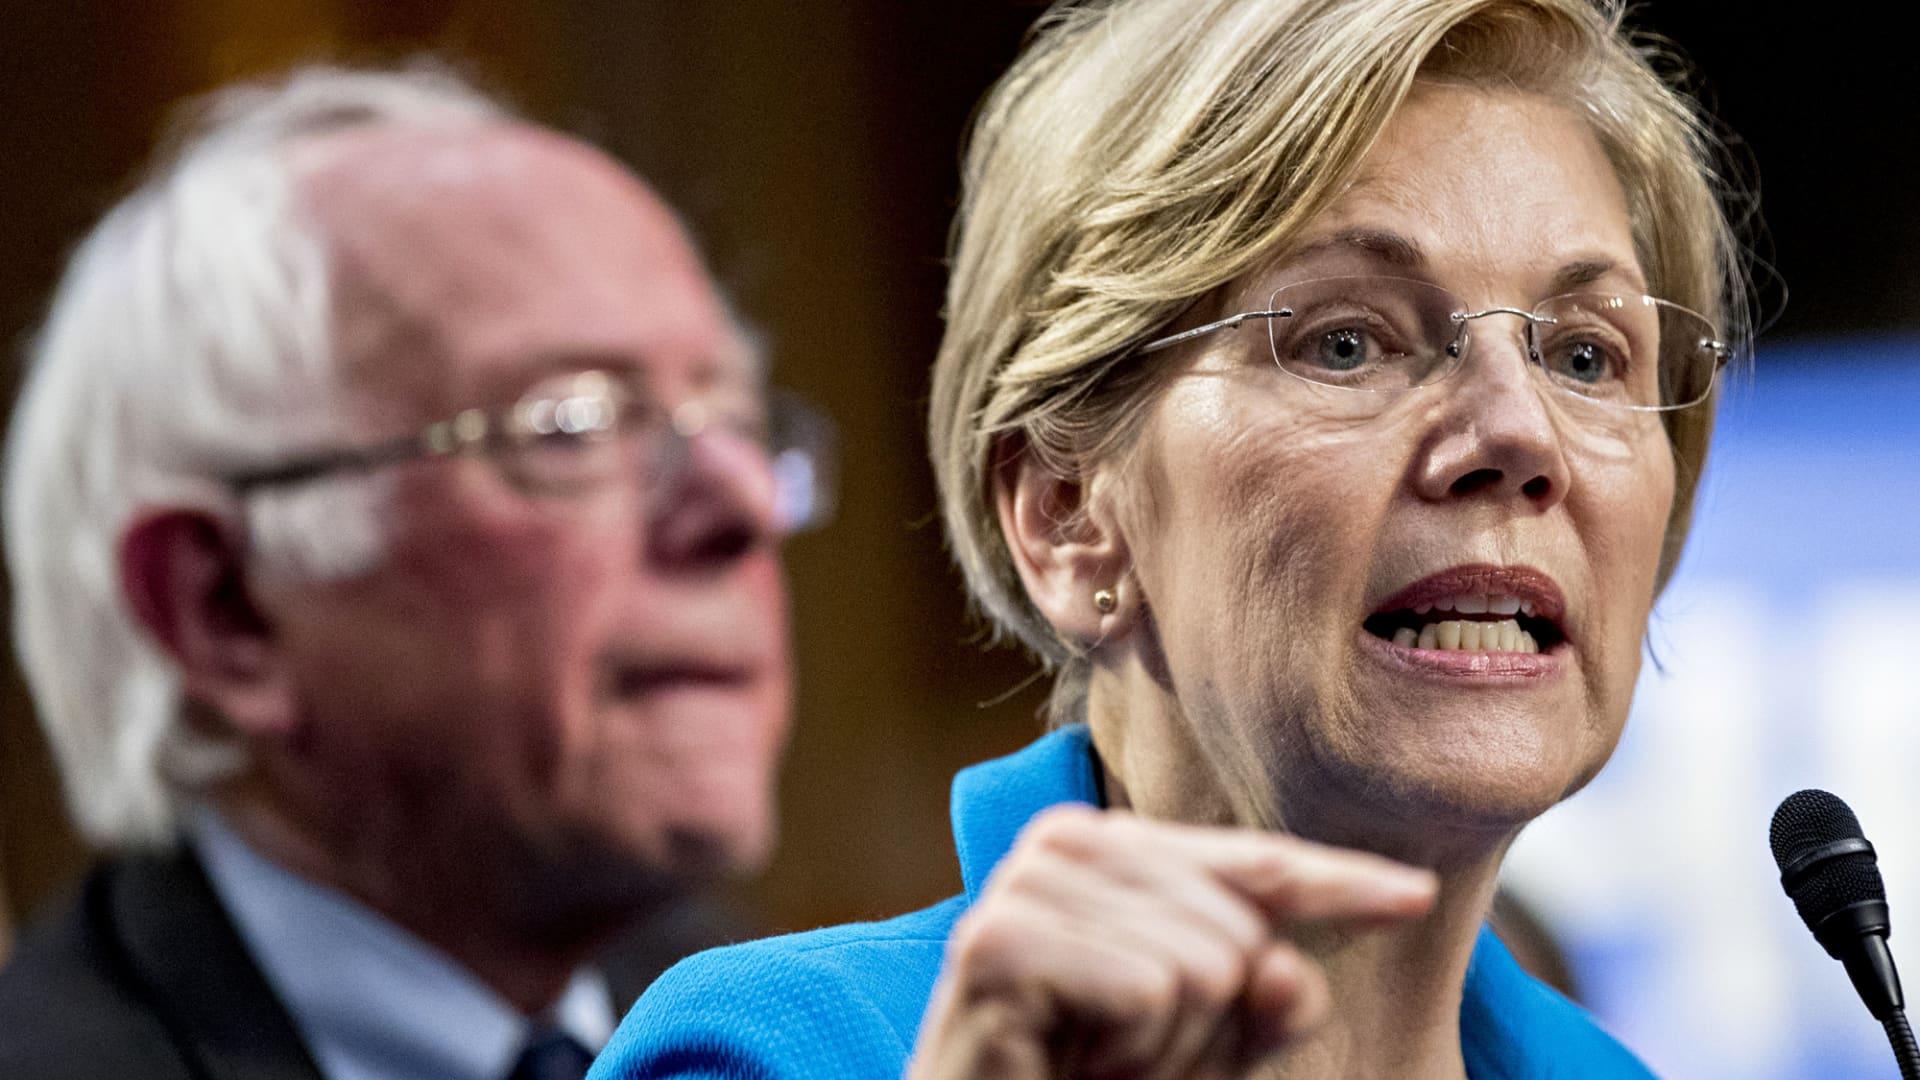 Senator Elizabeth Warren speaks as Senator Bernie Sanders looks on.